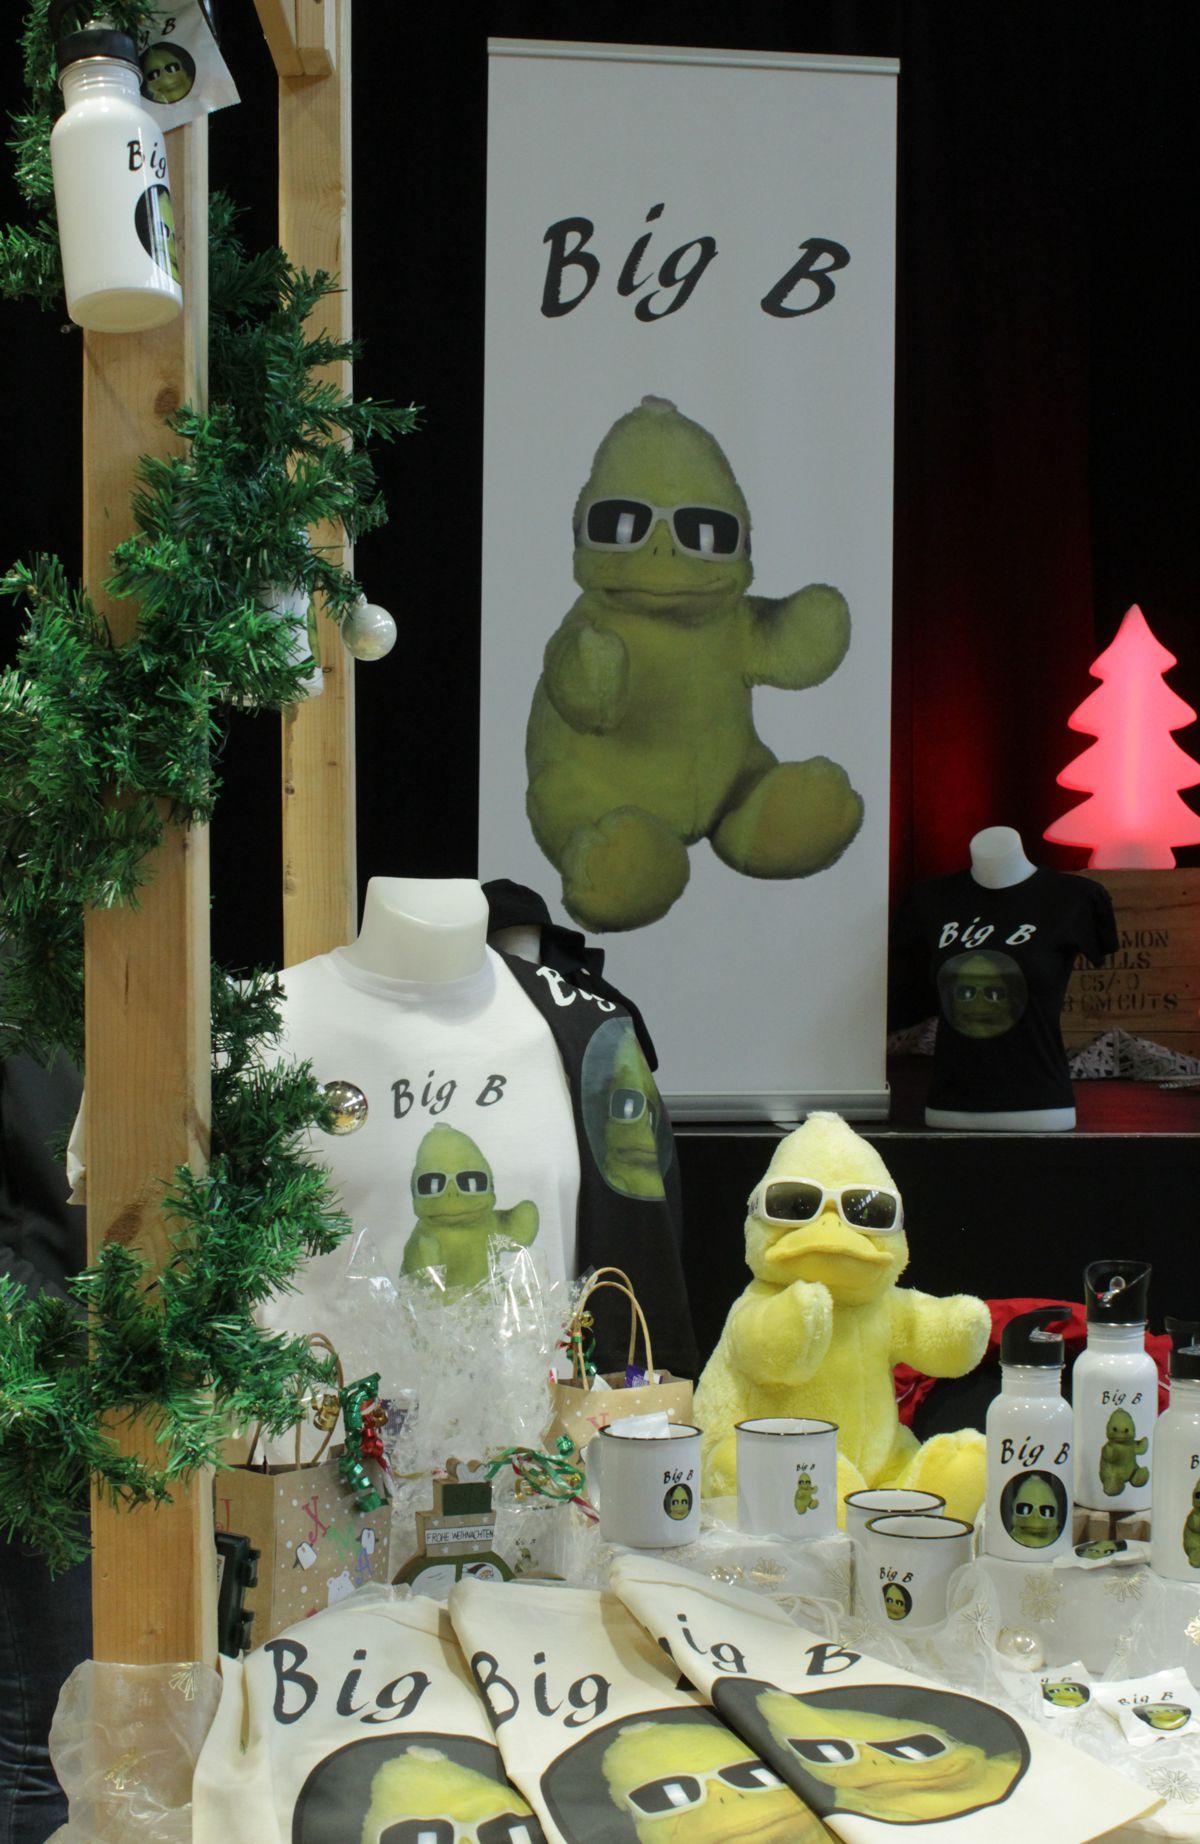 BigB – der gelbe Erpel aus Beckum – hat sich am ersten Adventswochenende erstmals der Öffentlichkeit präsentiert.